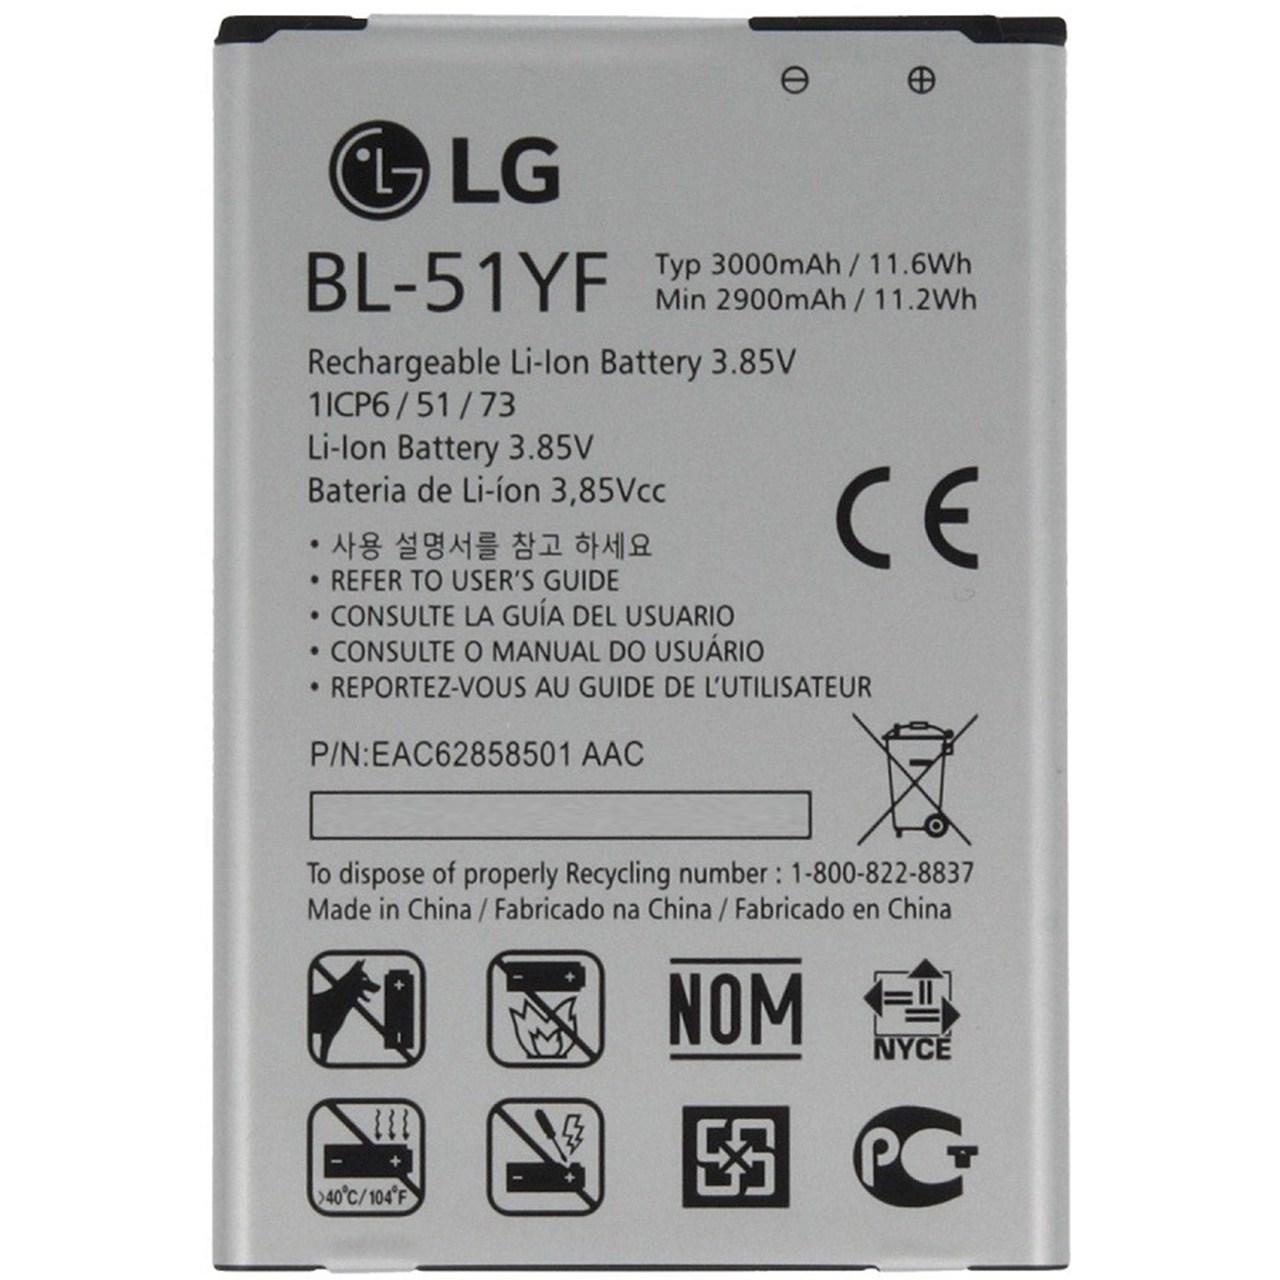 باتری موبایل مدل BL-51YF با ظرفیت 3000mAh مناسب برای گوشی ال جی G4